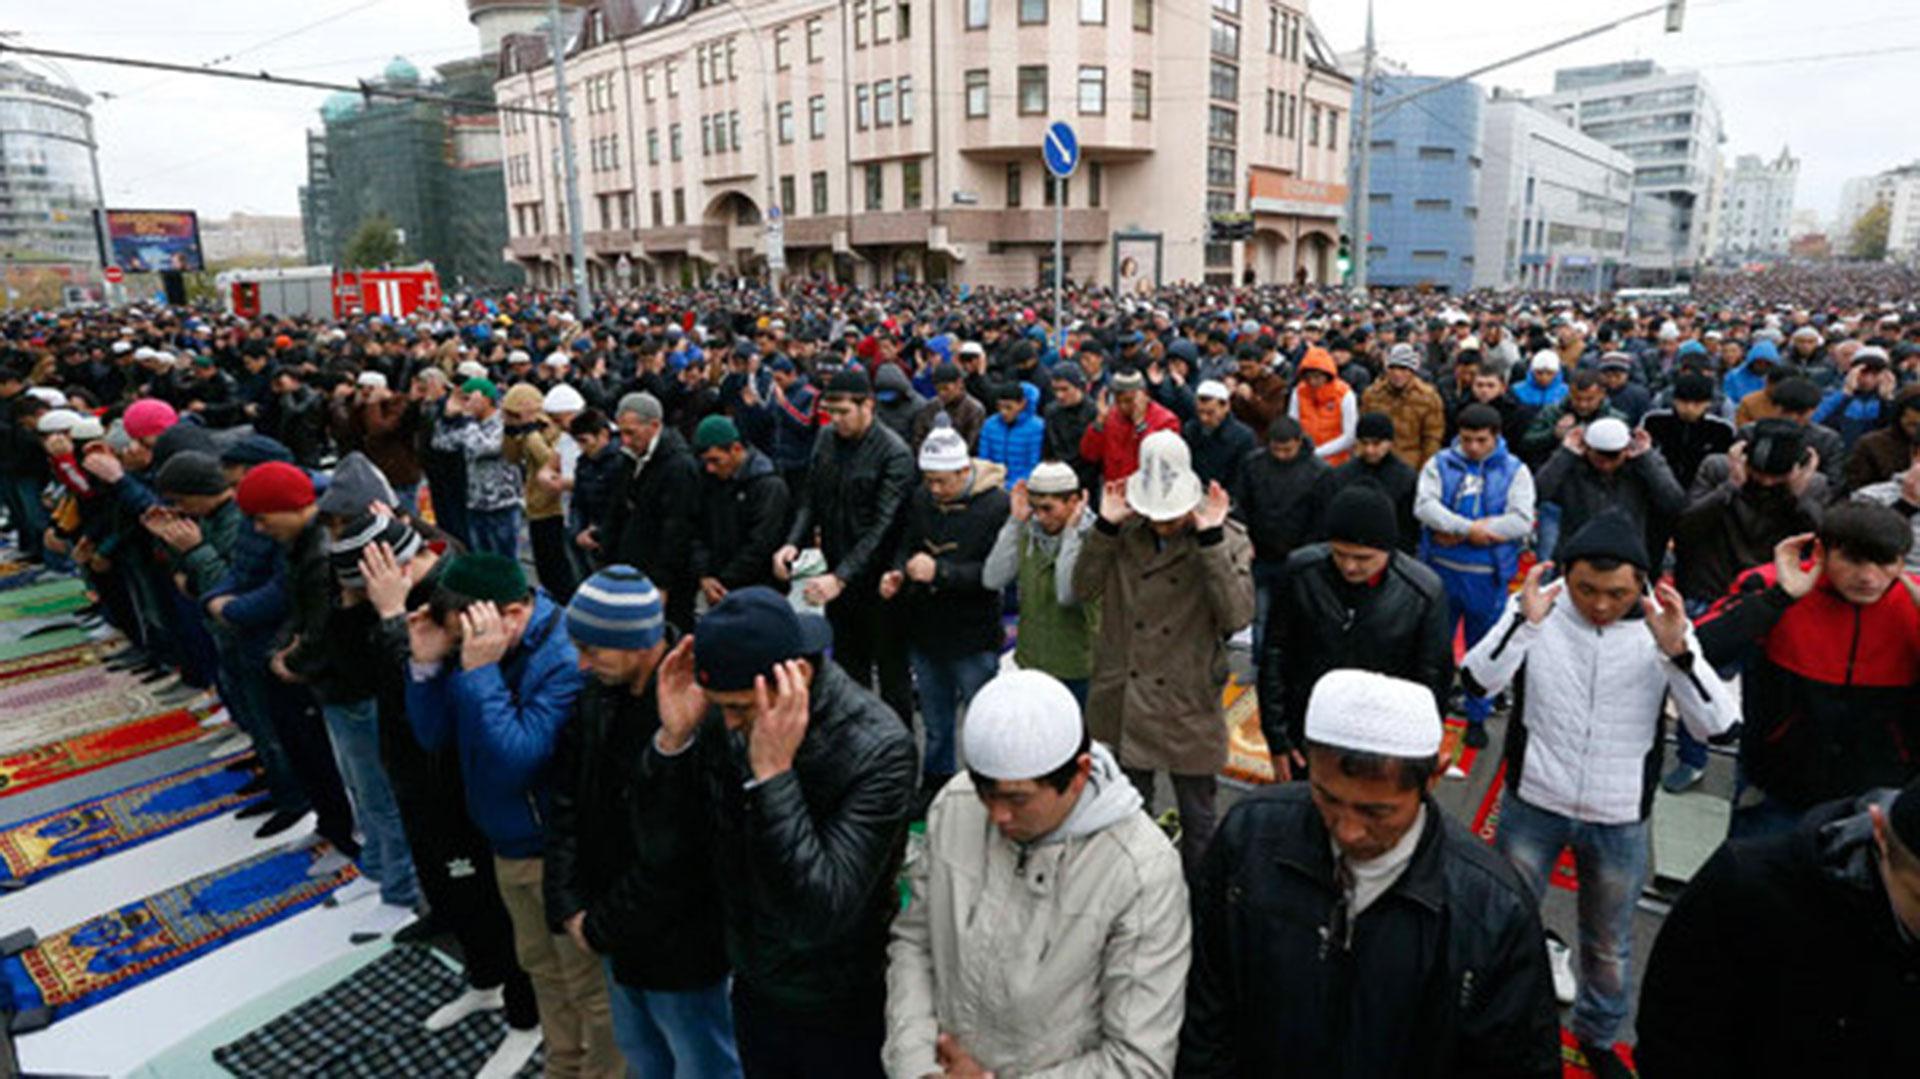 Estocolmo, la primera capital europea donde se impone la sharia - Infobae